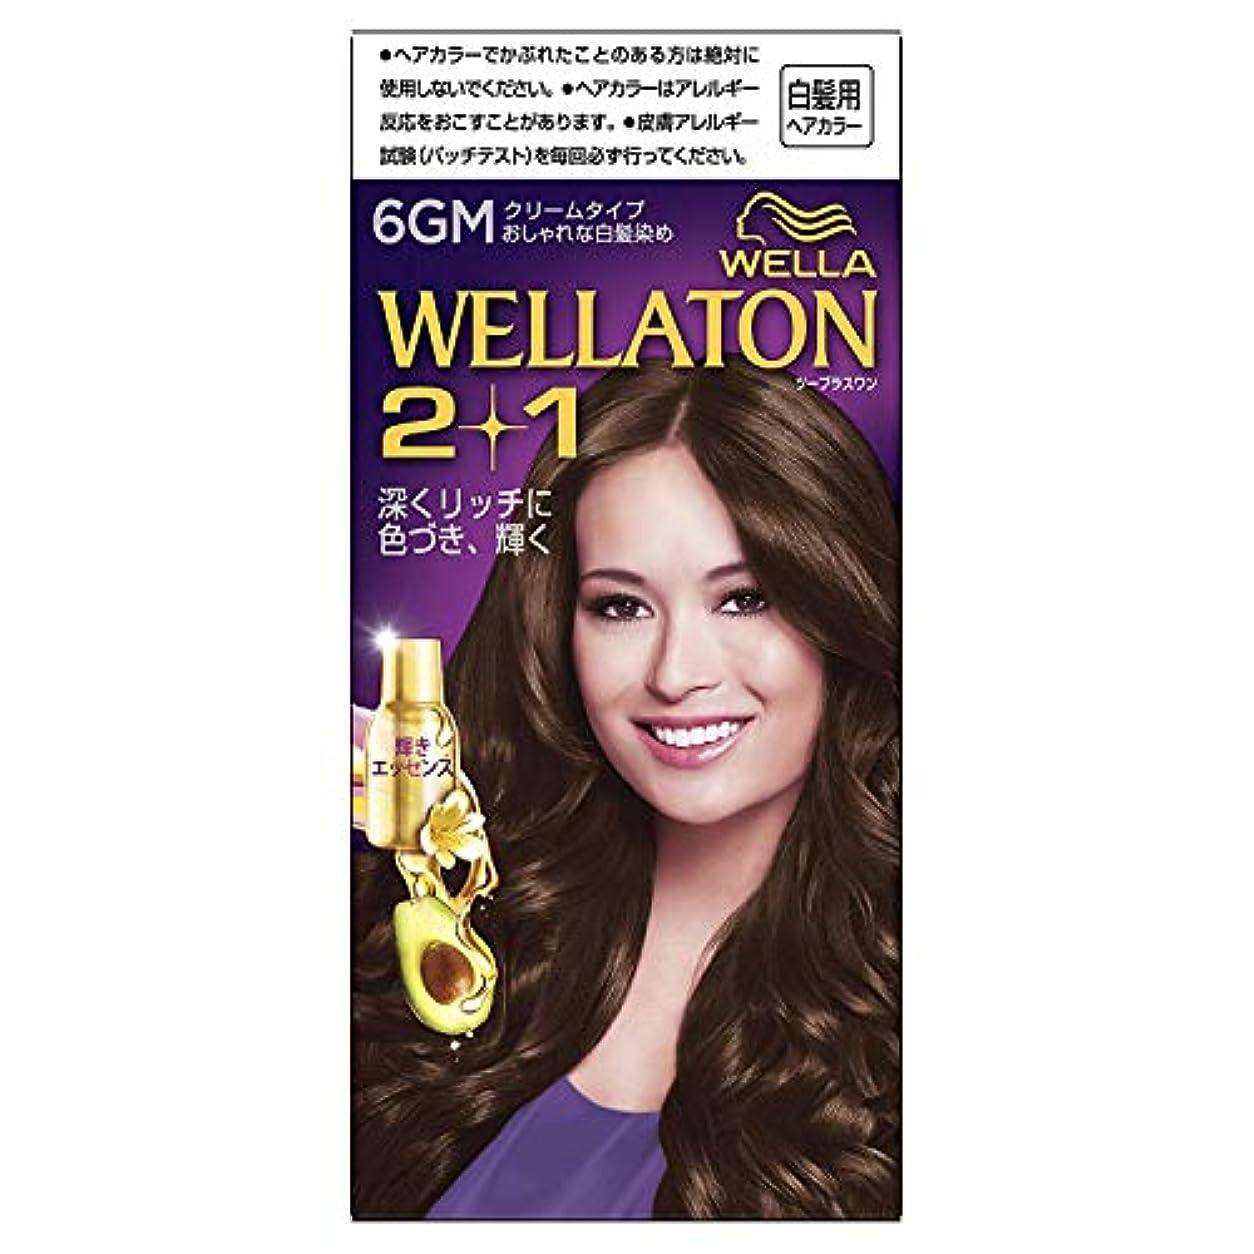 褒賞かもしれない冬ウエラトーン2+1 クリームタイプ 6GM [医薬部外品]×6個